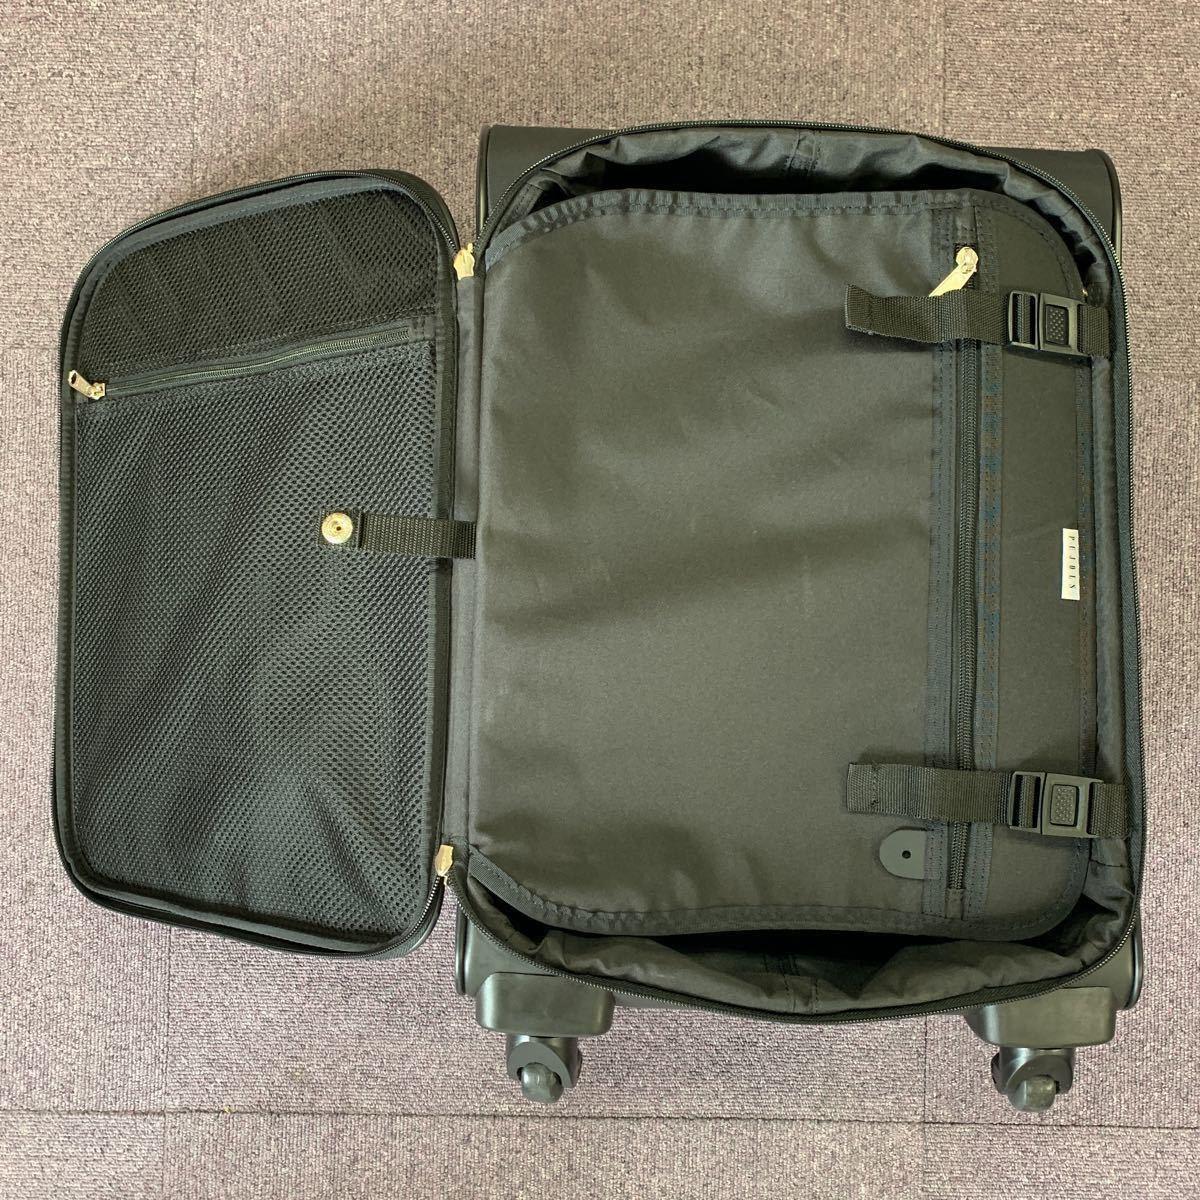 美品!ACE ビジネスキャリーバッグ ポーチ付 PUJOLS 旅行バッグカバン スーツケース エース 4輪_画像5